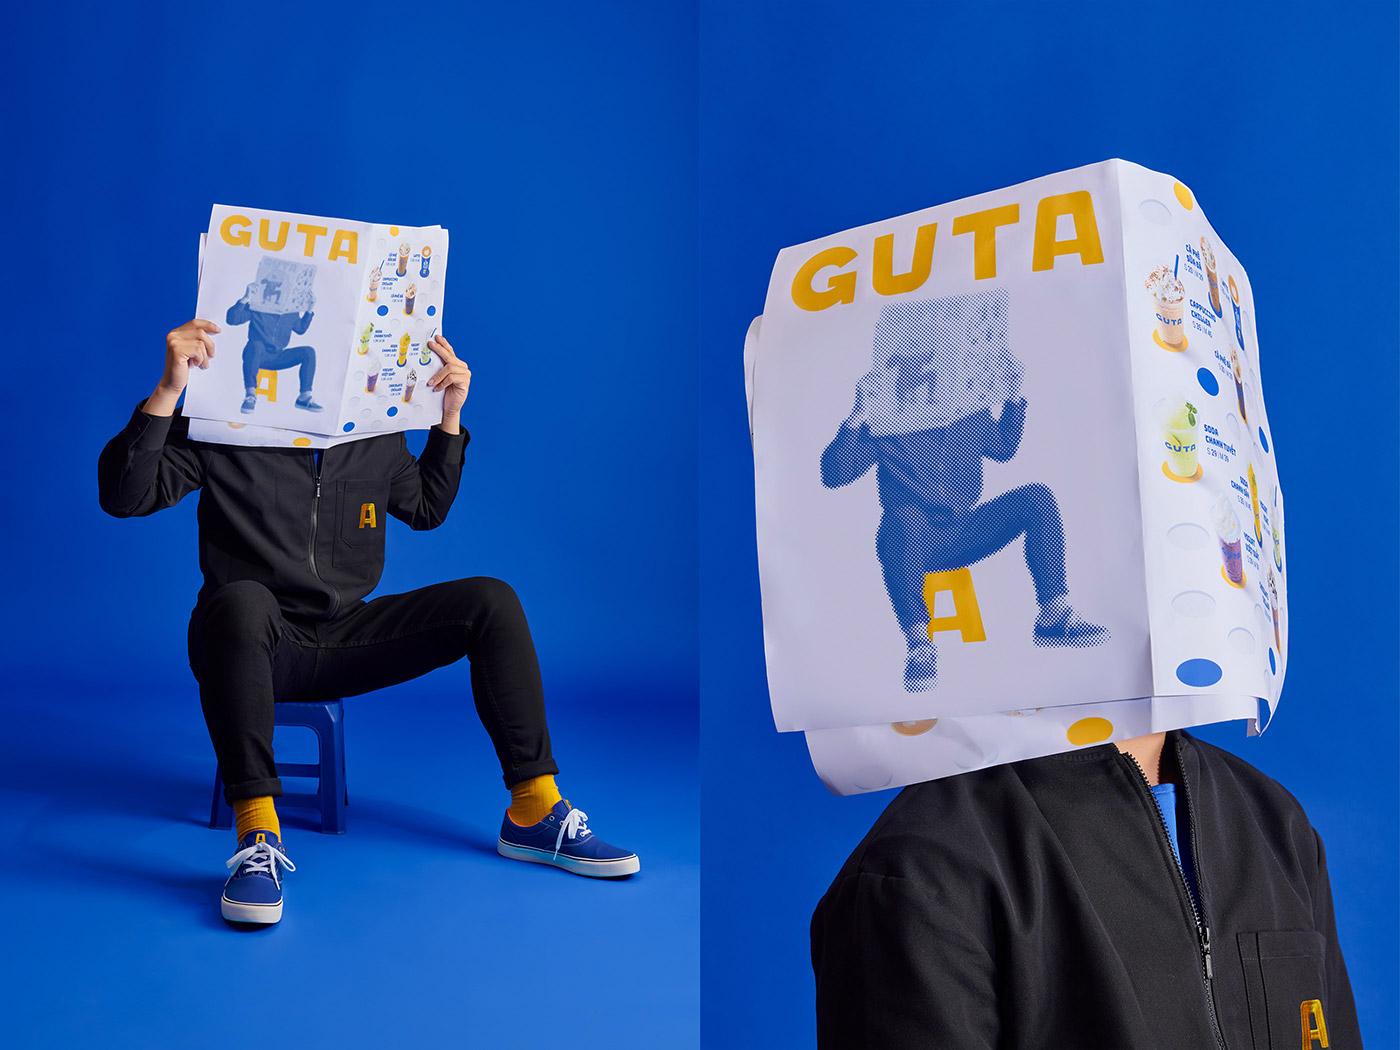 Guta Cafe menu